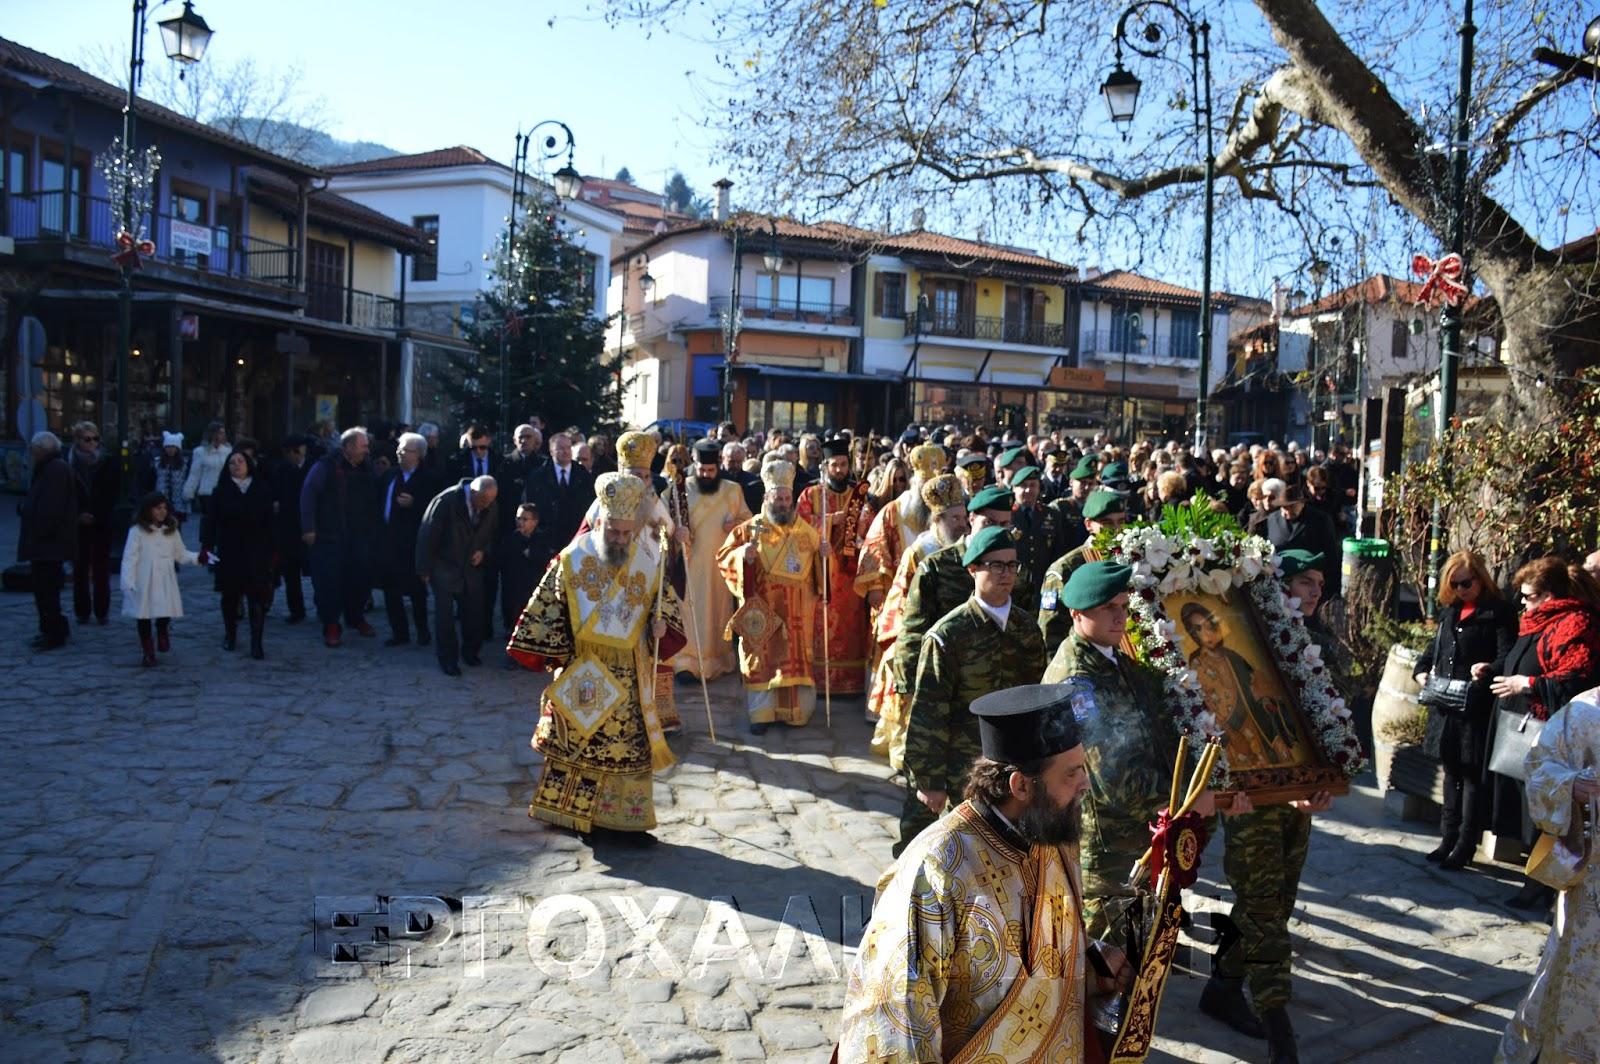 Με ευλάβεια και μεγαλοπρέπεια ο εορτασμός του Πολιούχου Αγίου Στεφάνου στην Αρναία (ΒIΝΤΕΟ)